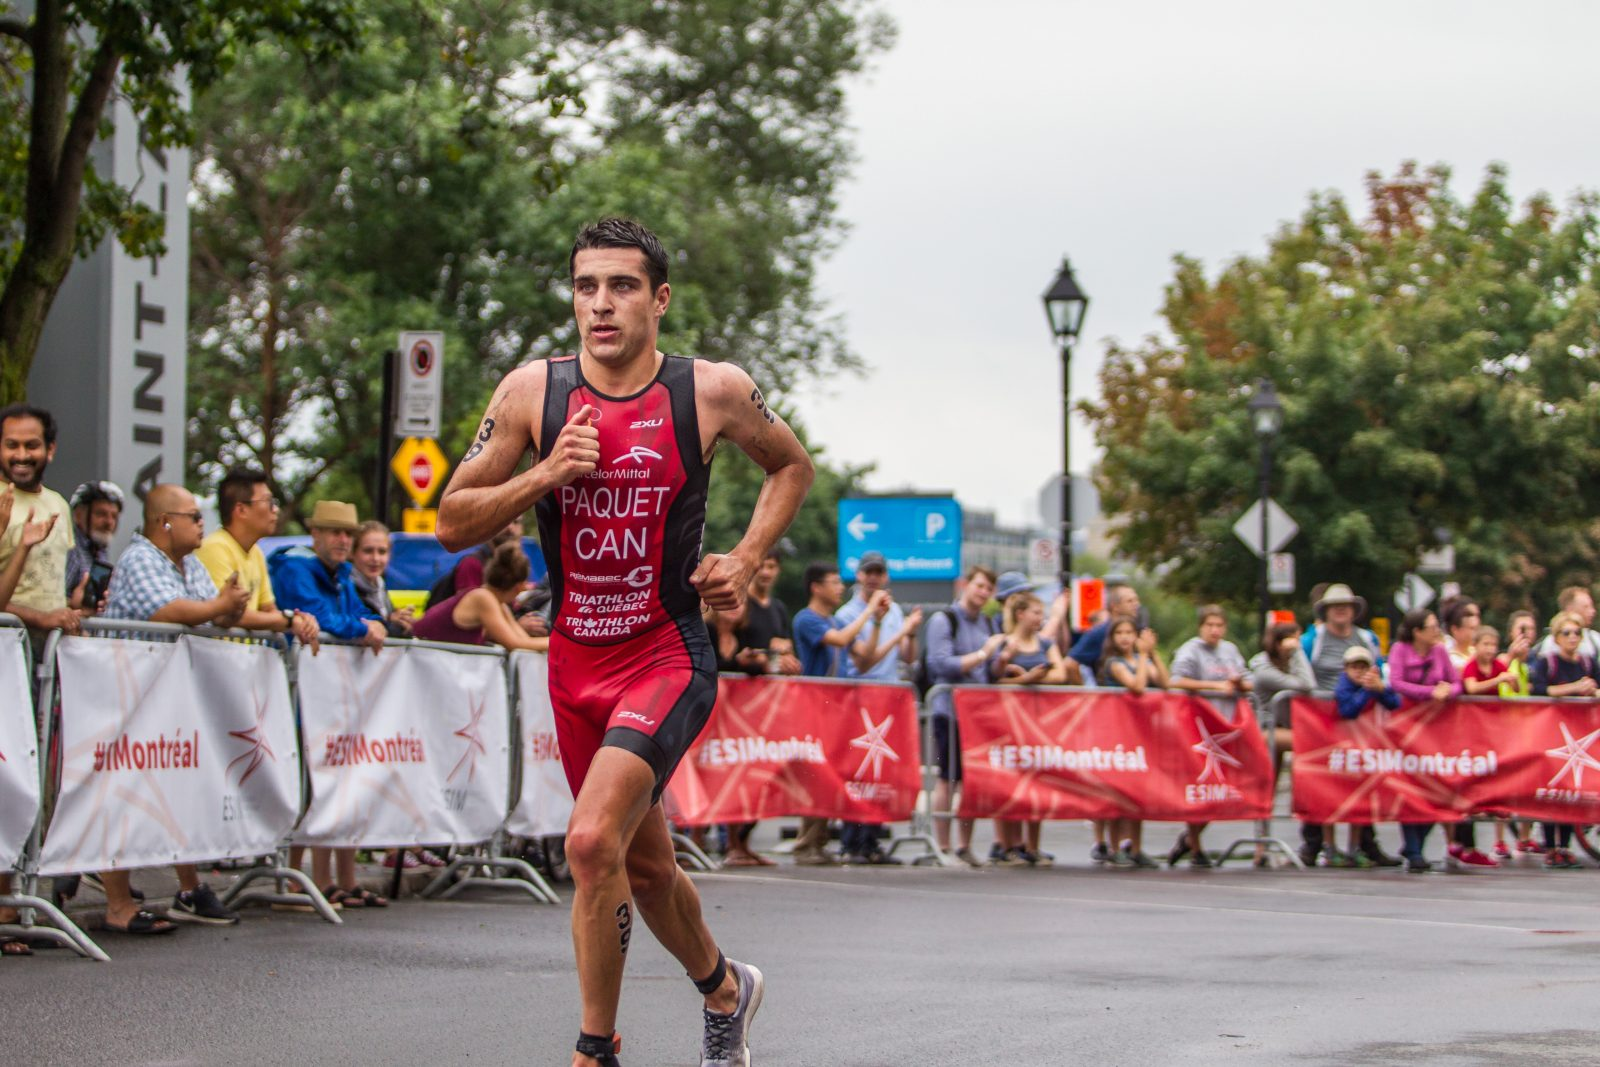 Triathlon Canada confirme Charles Paquet pour les Jeux Panaméricains